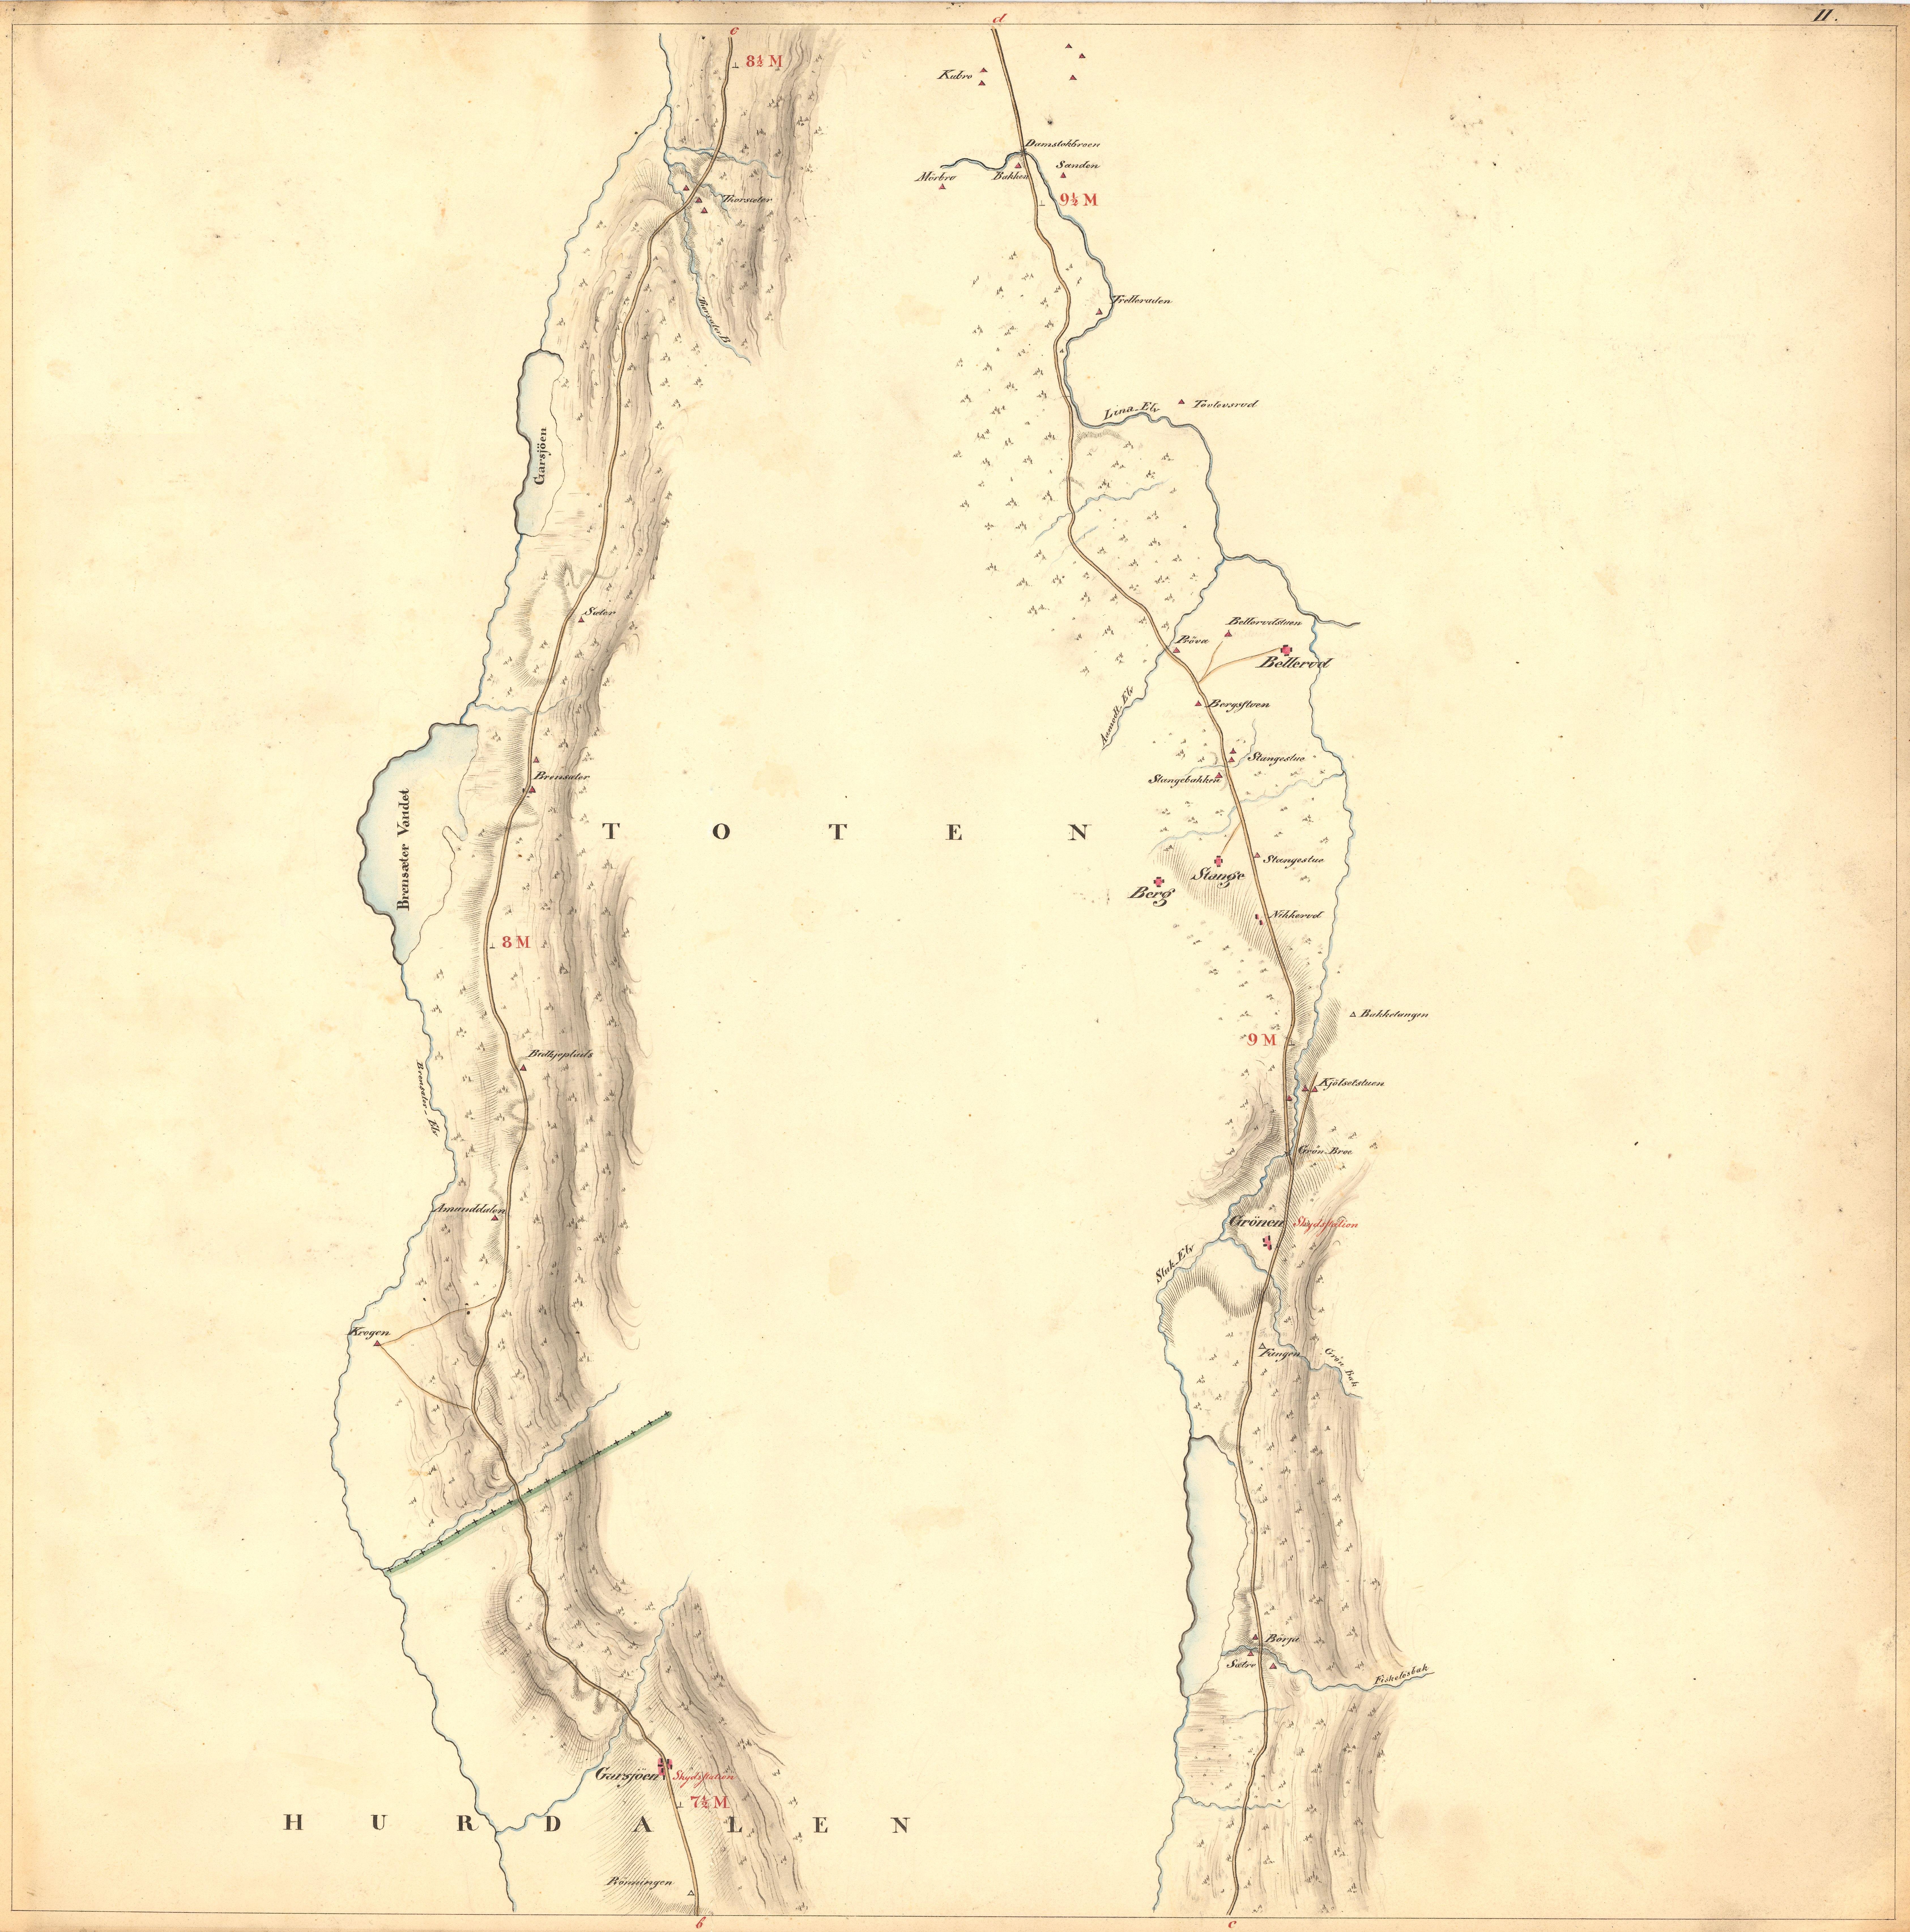 kart til og fra File:Kartblad 2  Kart over Veien fra Eidsvold igjennm Hurdalen  kart til og fra